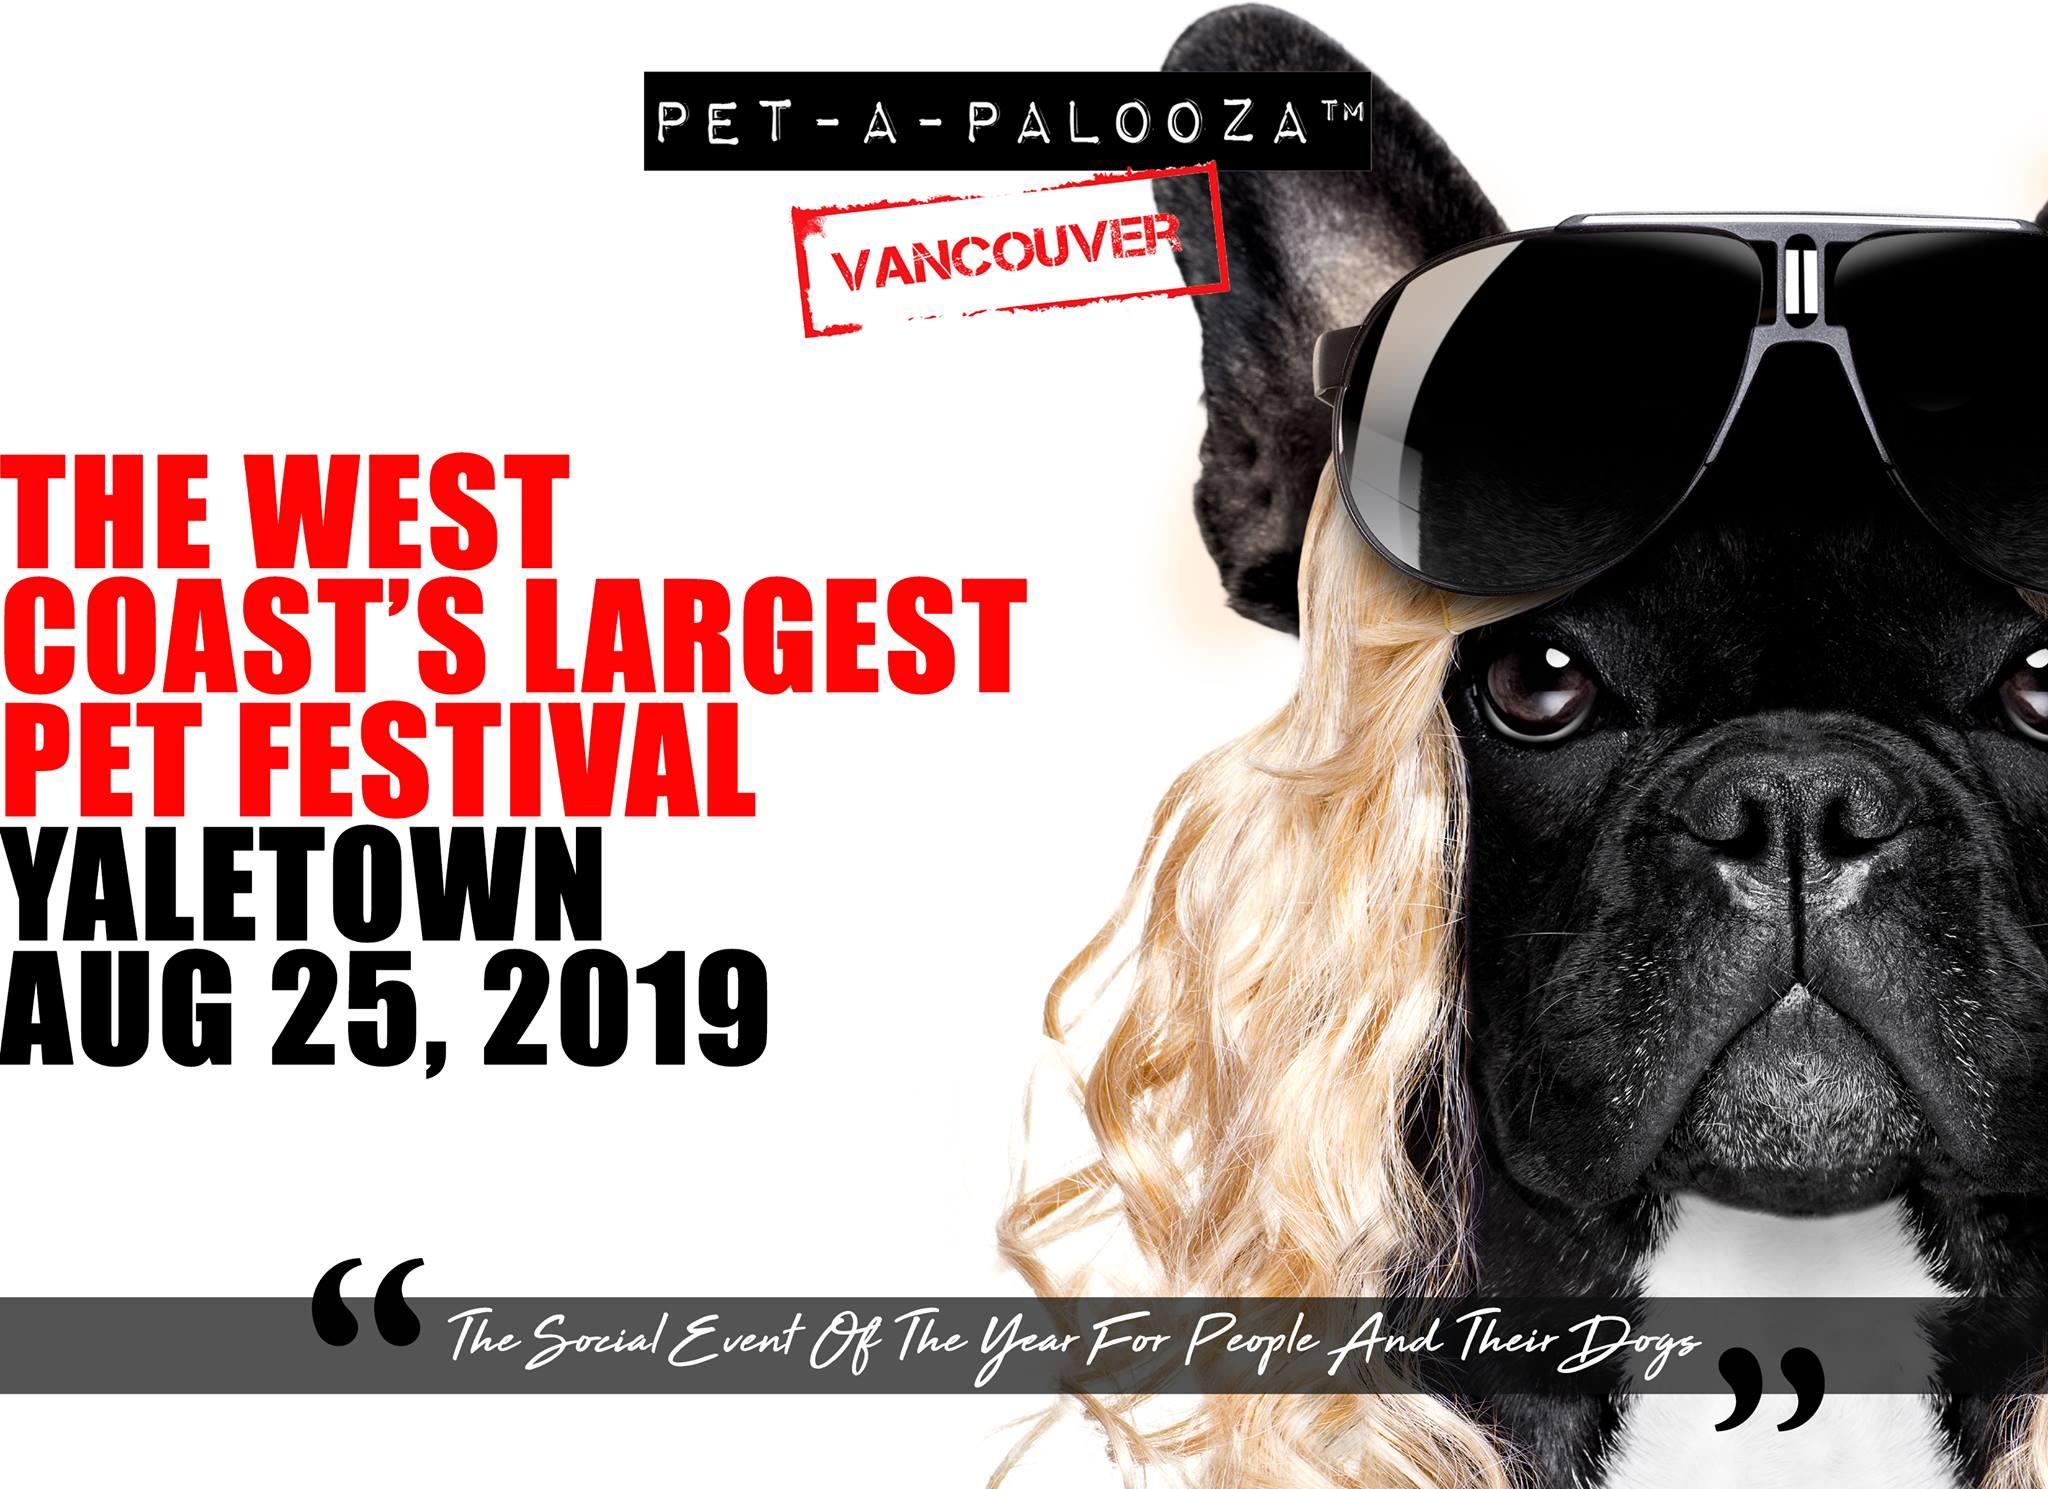 pet-a-palooza vancouver 2019